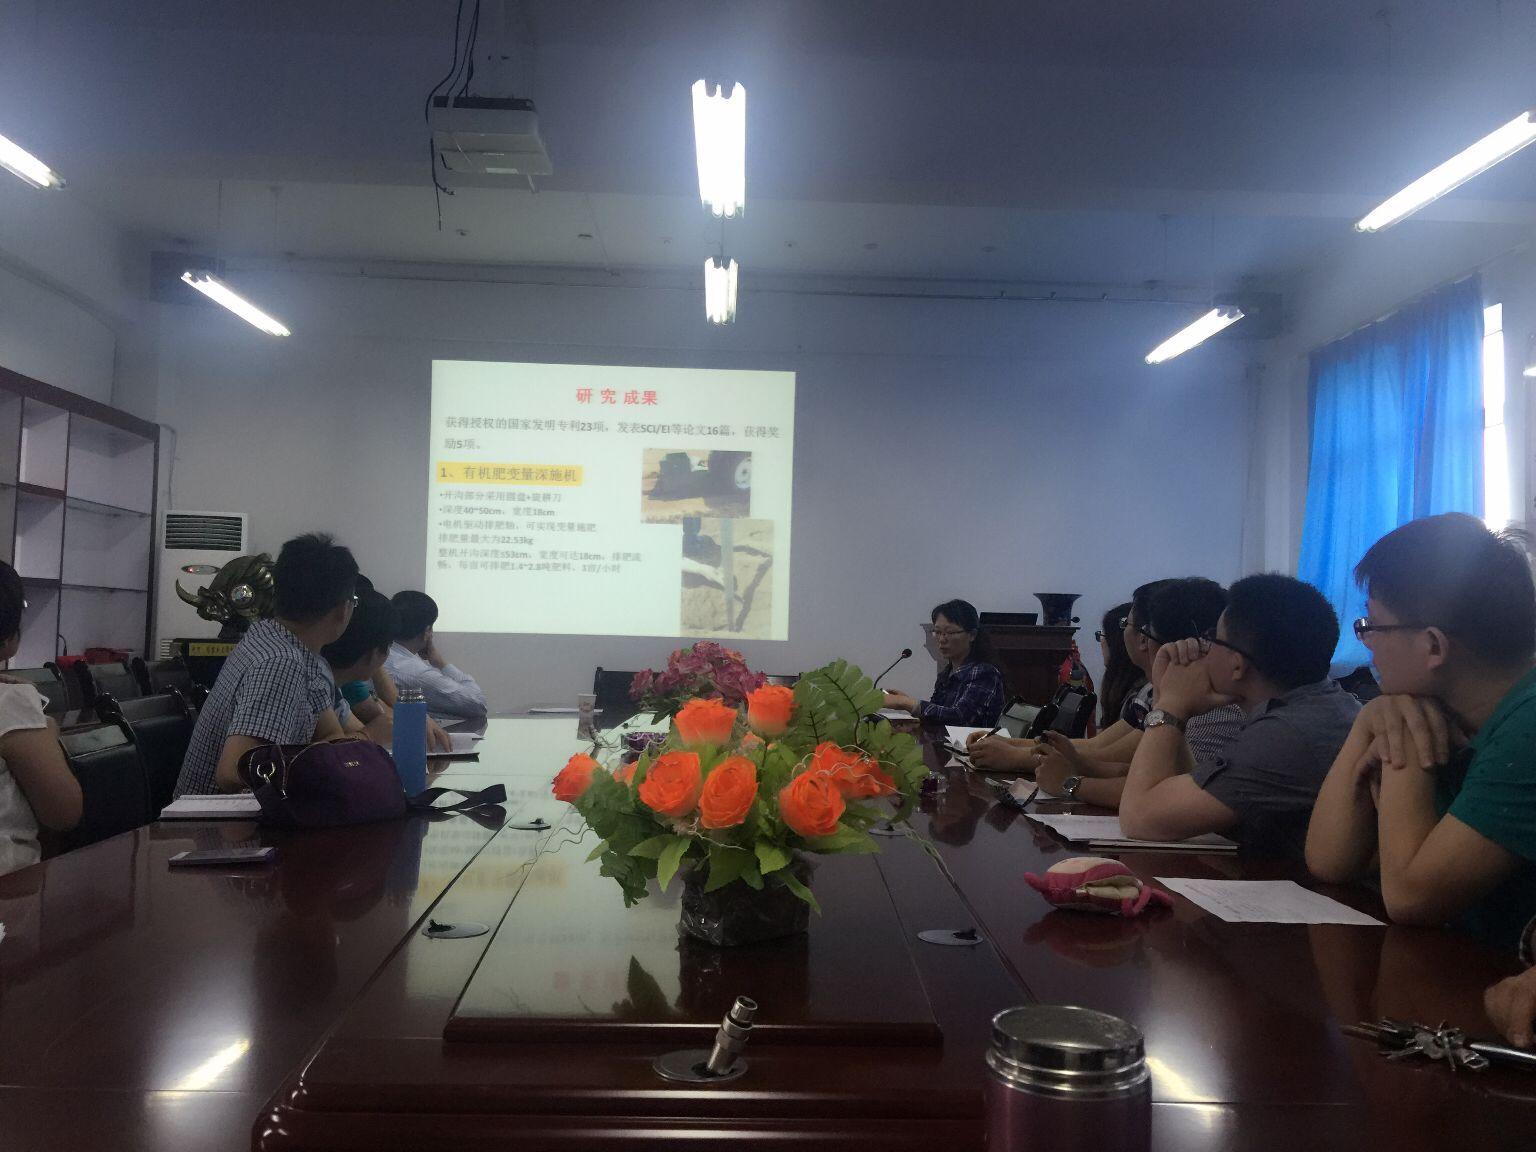 中国农大徐丽明教授:谈林果产业自动化技术与装备发展趋势